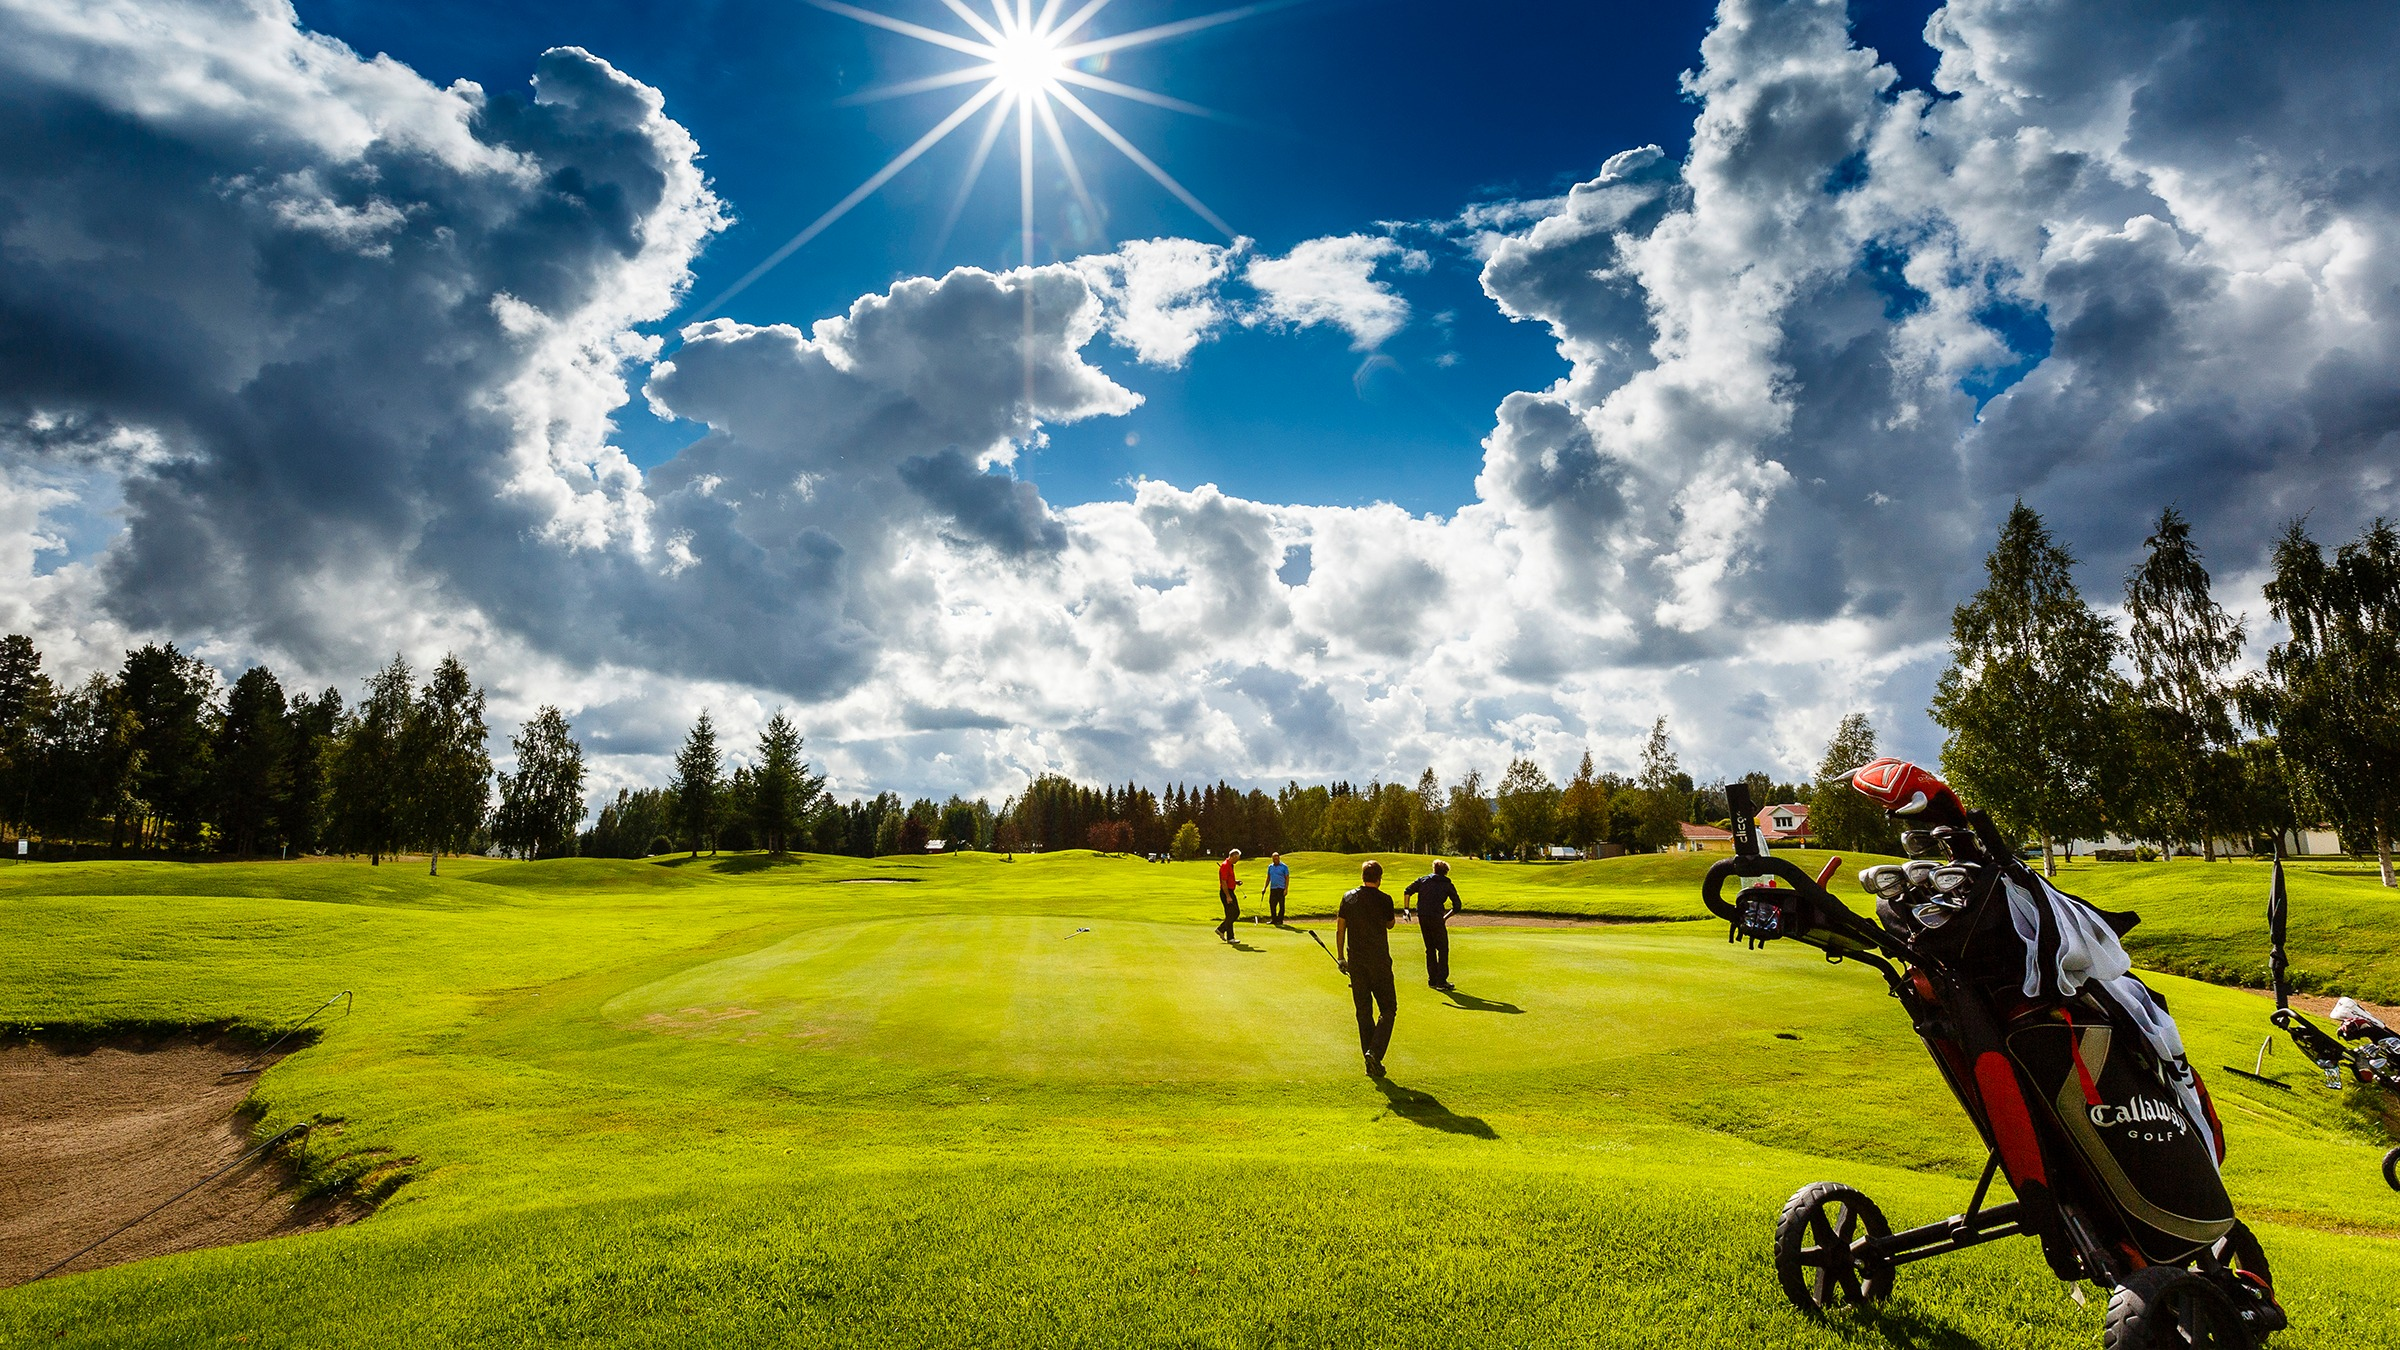 Golfbana i strålande sol. Fyra golfspelare på green. Vagn med golfbag i förgrunden.